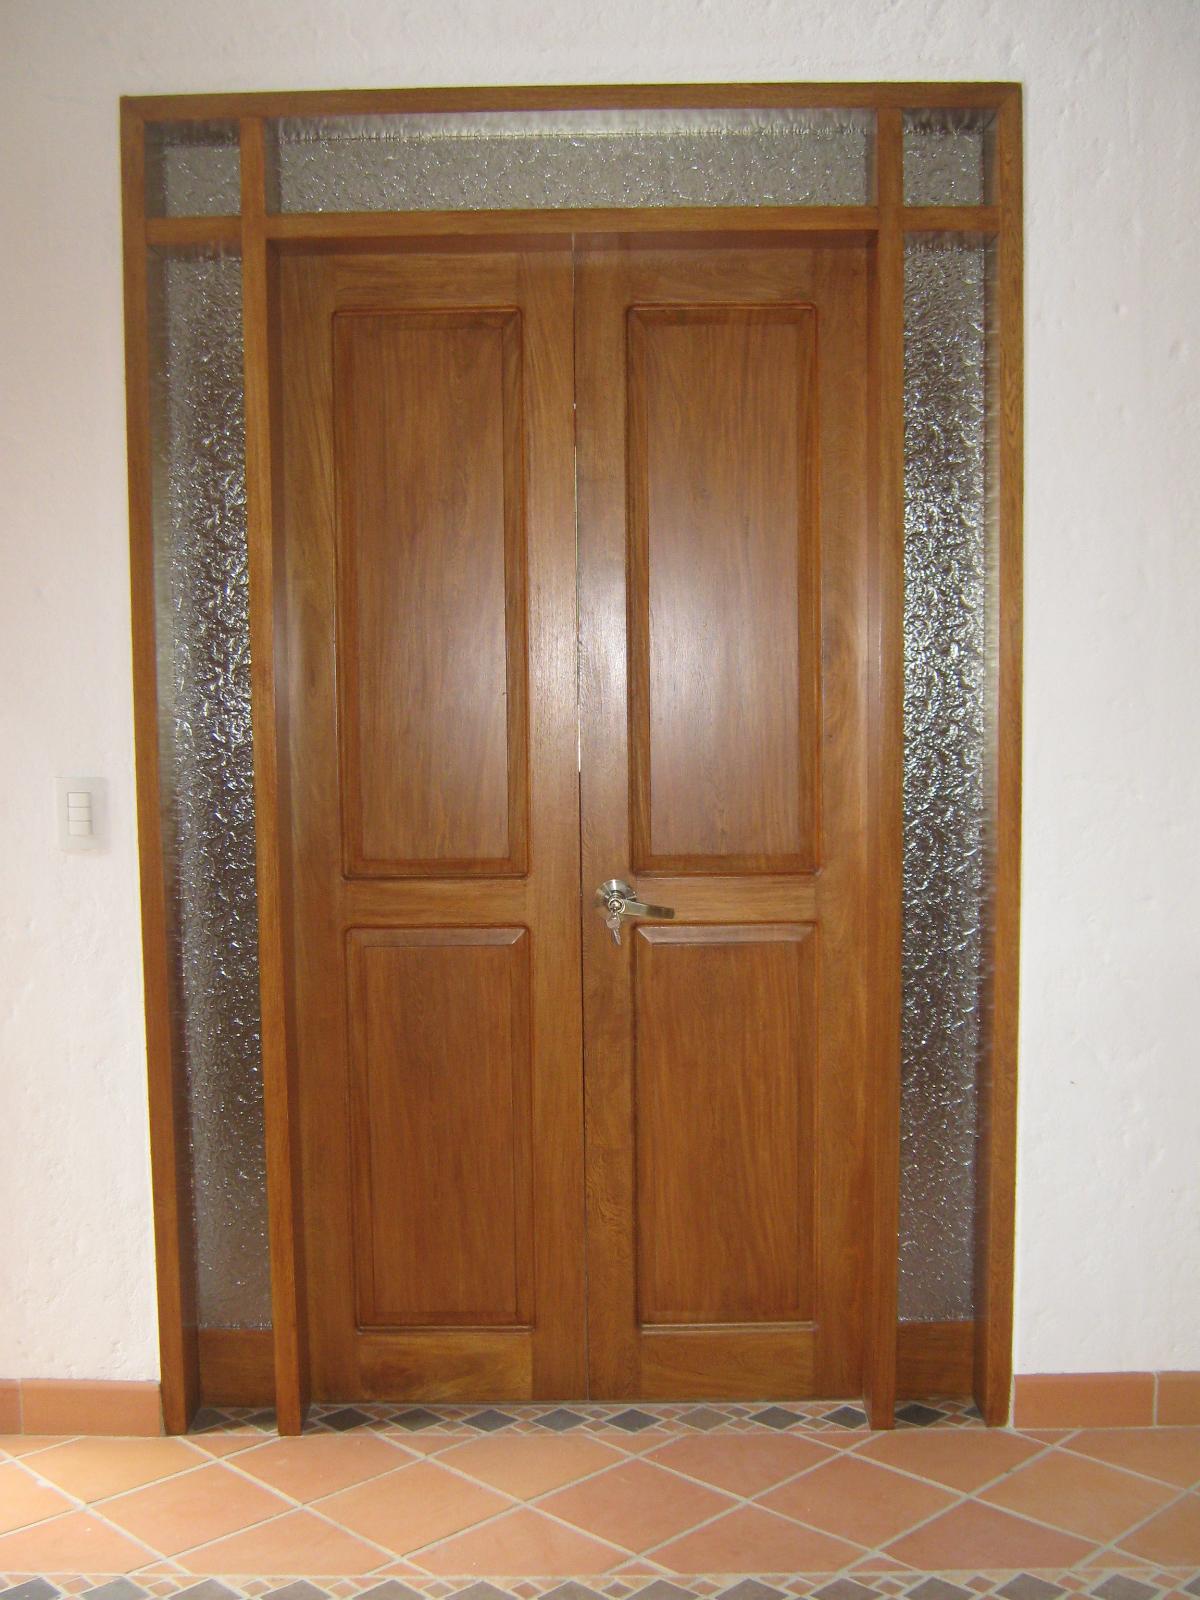 Puertas y cocinas medellin casa finca el retiro for Puertas para cocina integral